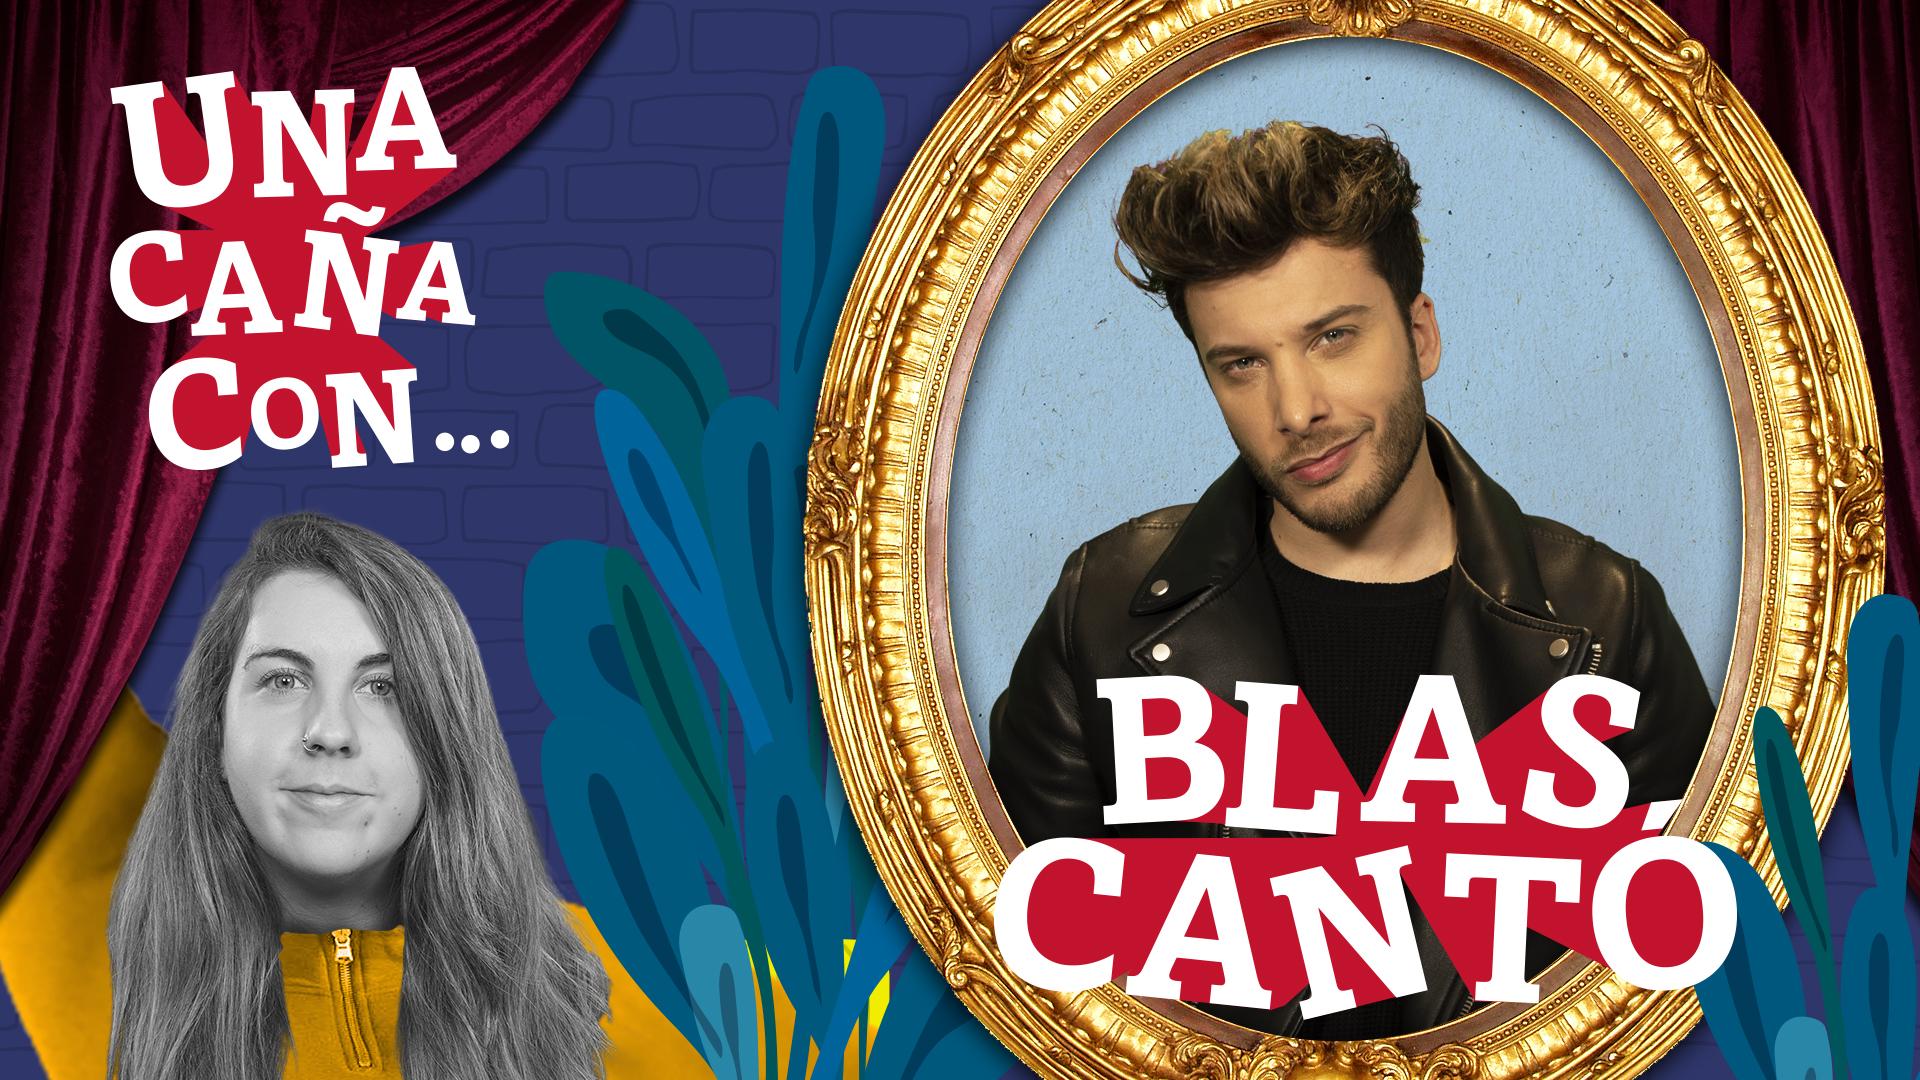 #UnaCañaCon... Blas Cantó